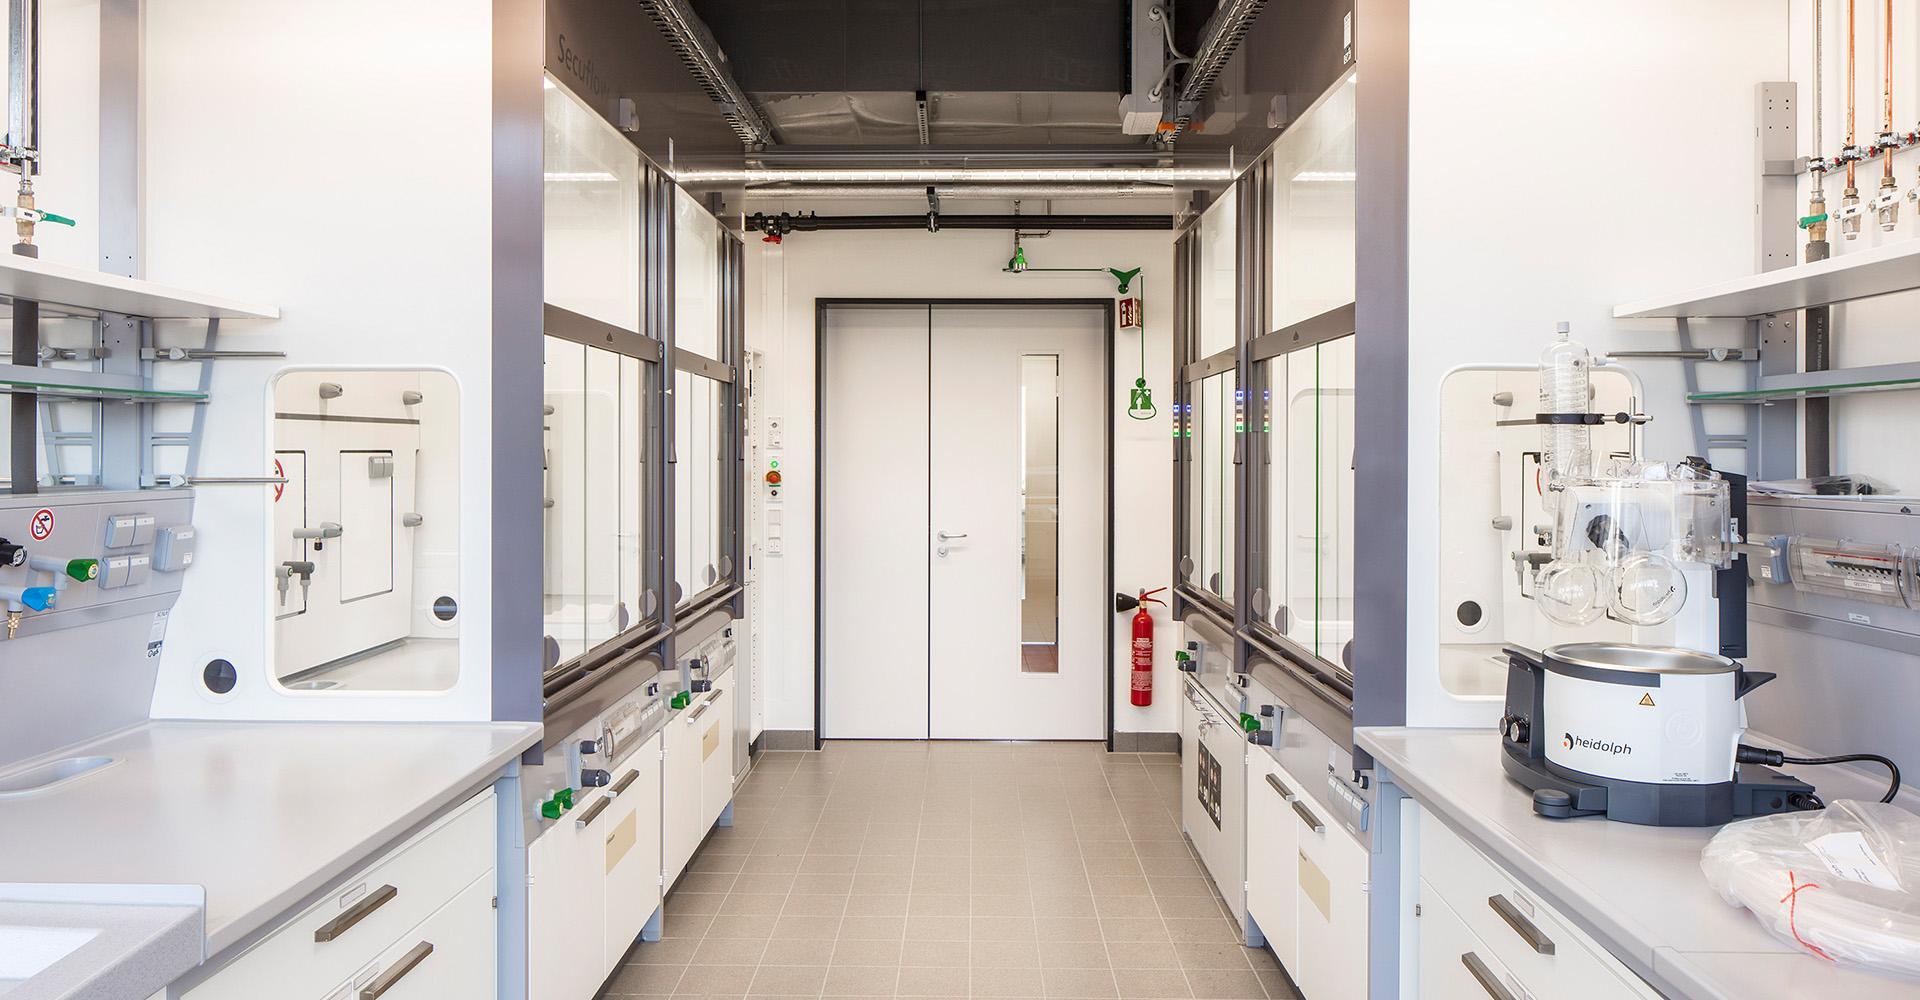 Materialforschung (CAM) Heidelberg 3 - ArGe Architekten